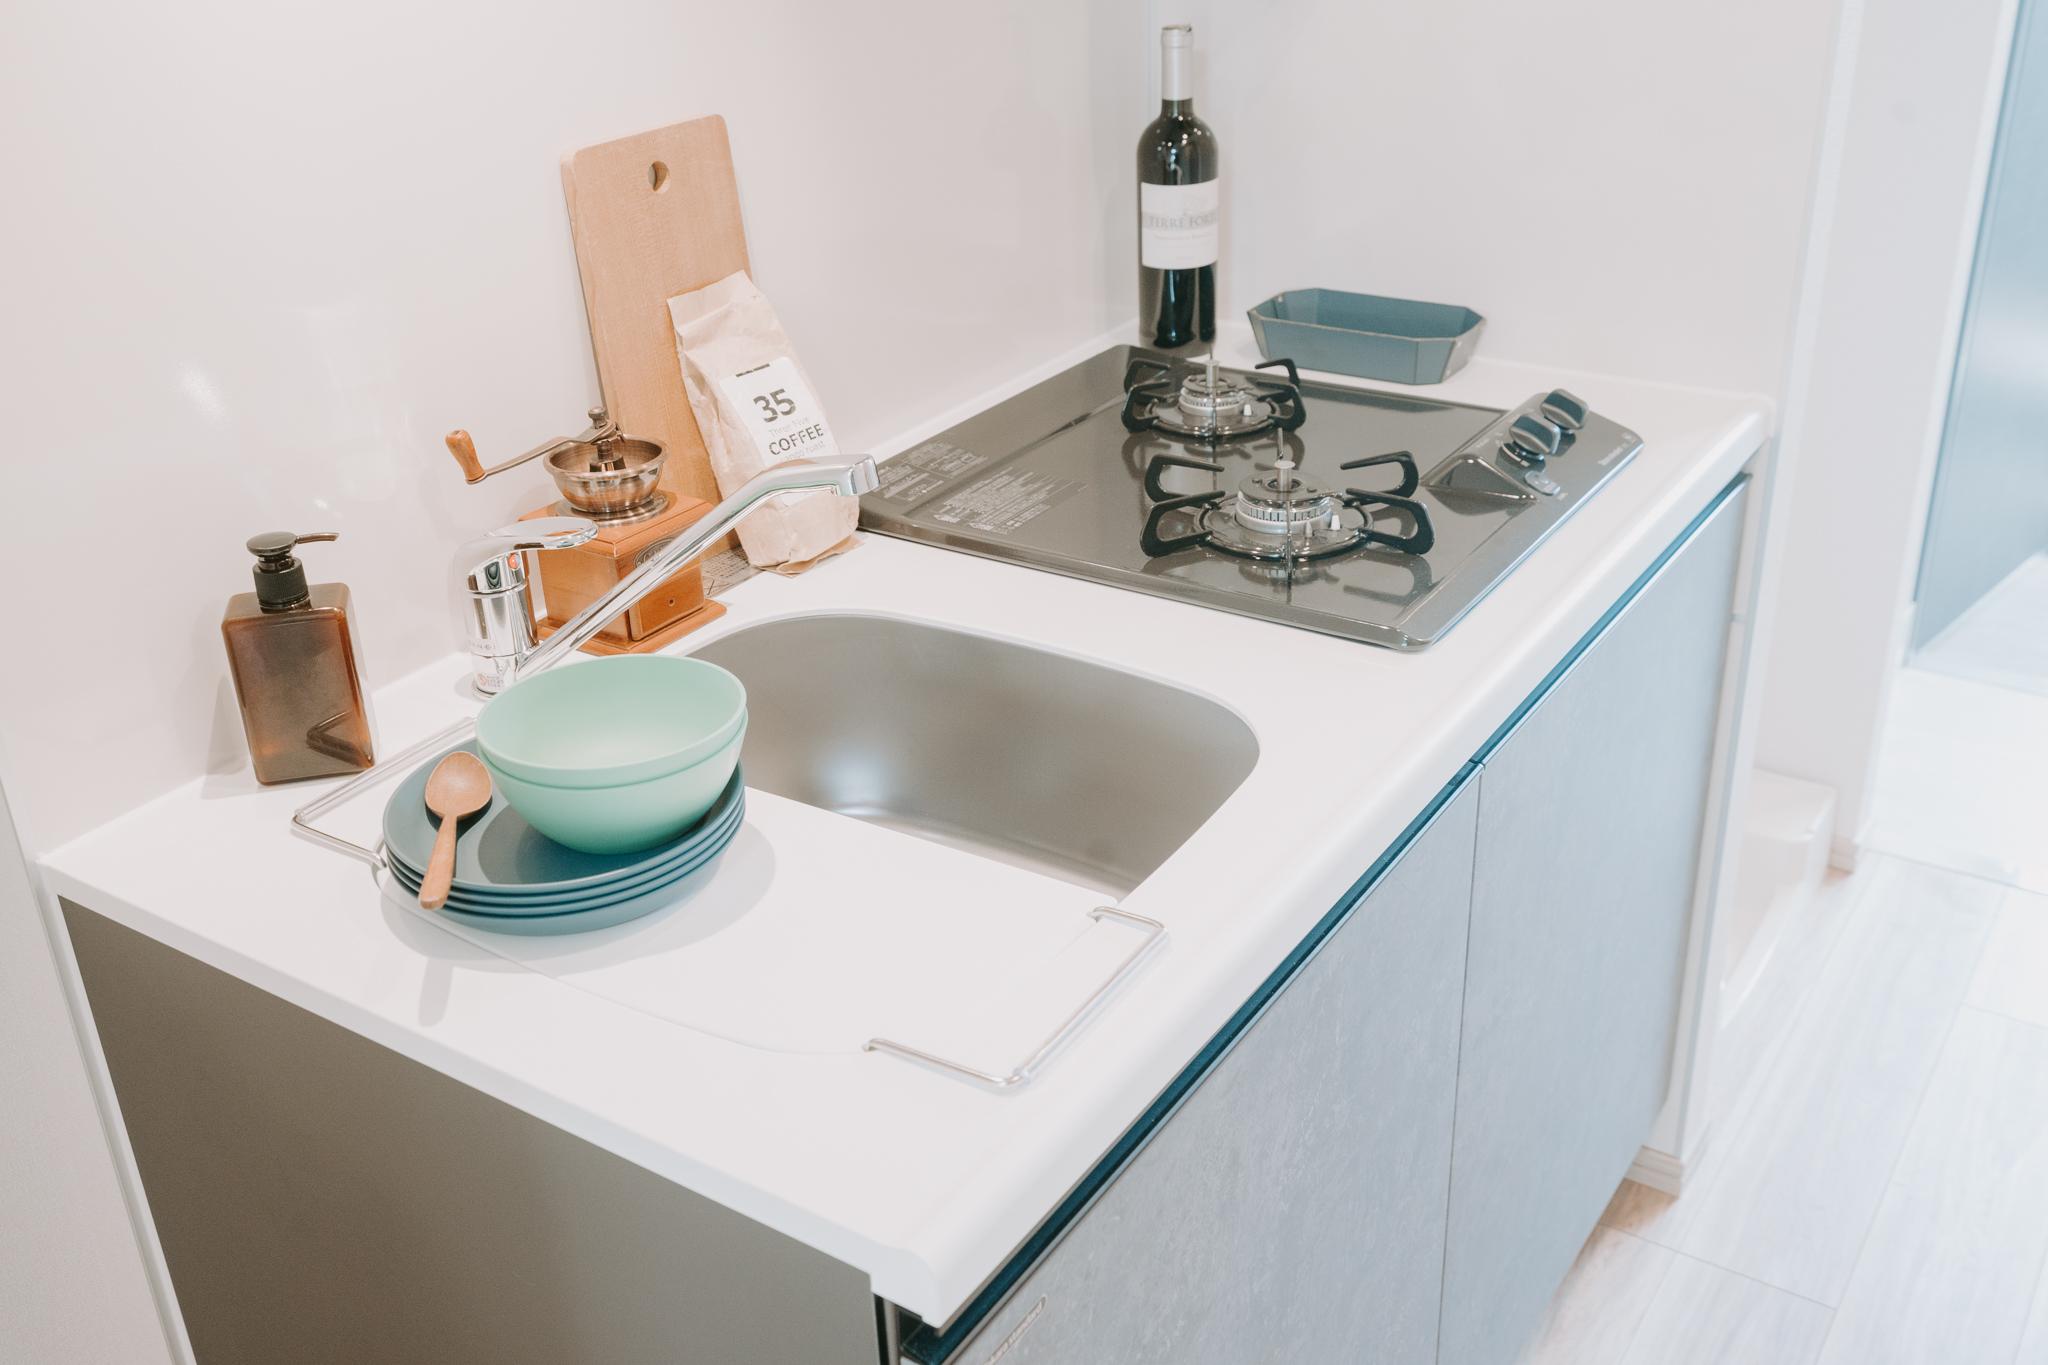 キッチンは二口ガスコンロ付き。調理スペースは狭いのですが、シンクにかけられるプレートがまな板置きに役立ちそうで、特に不便は感じなさそう。